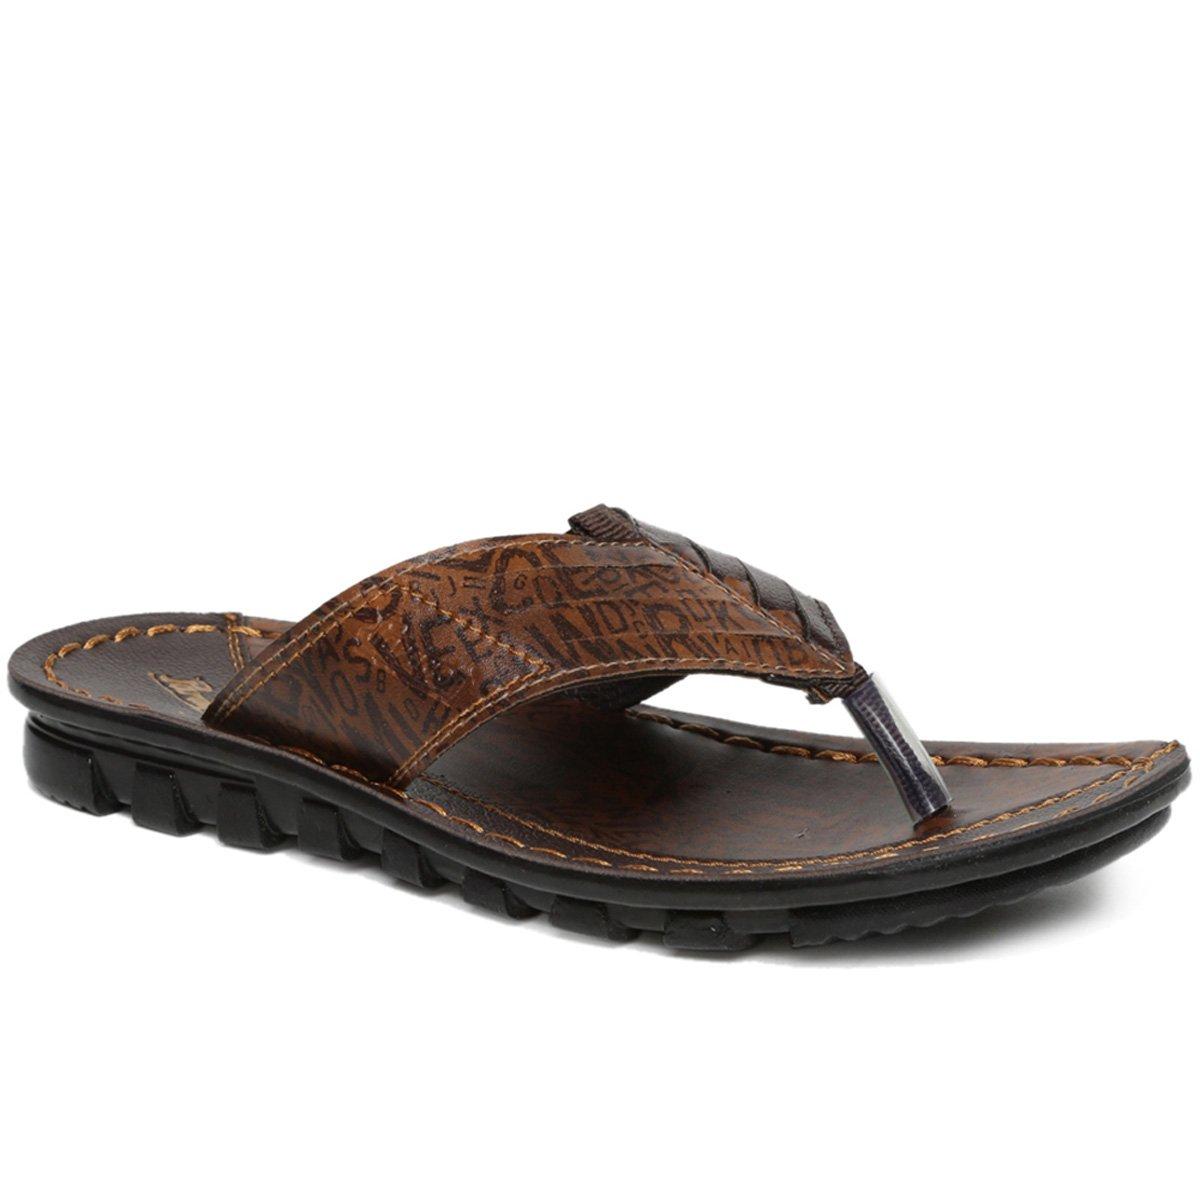 1f4abd5c6 PARAGON Vertex Men's Brown Flip-Flops: Buy Online at Low Prices in India -  Amazon.in